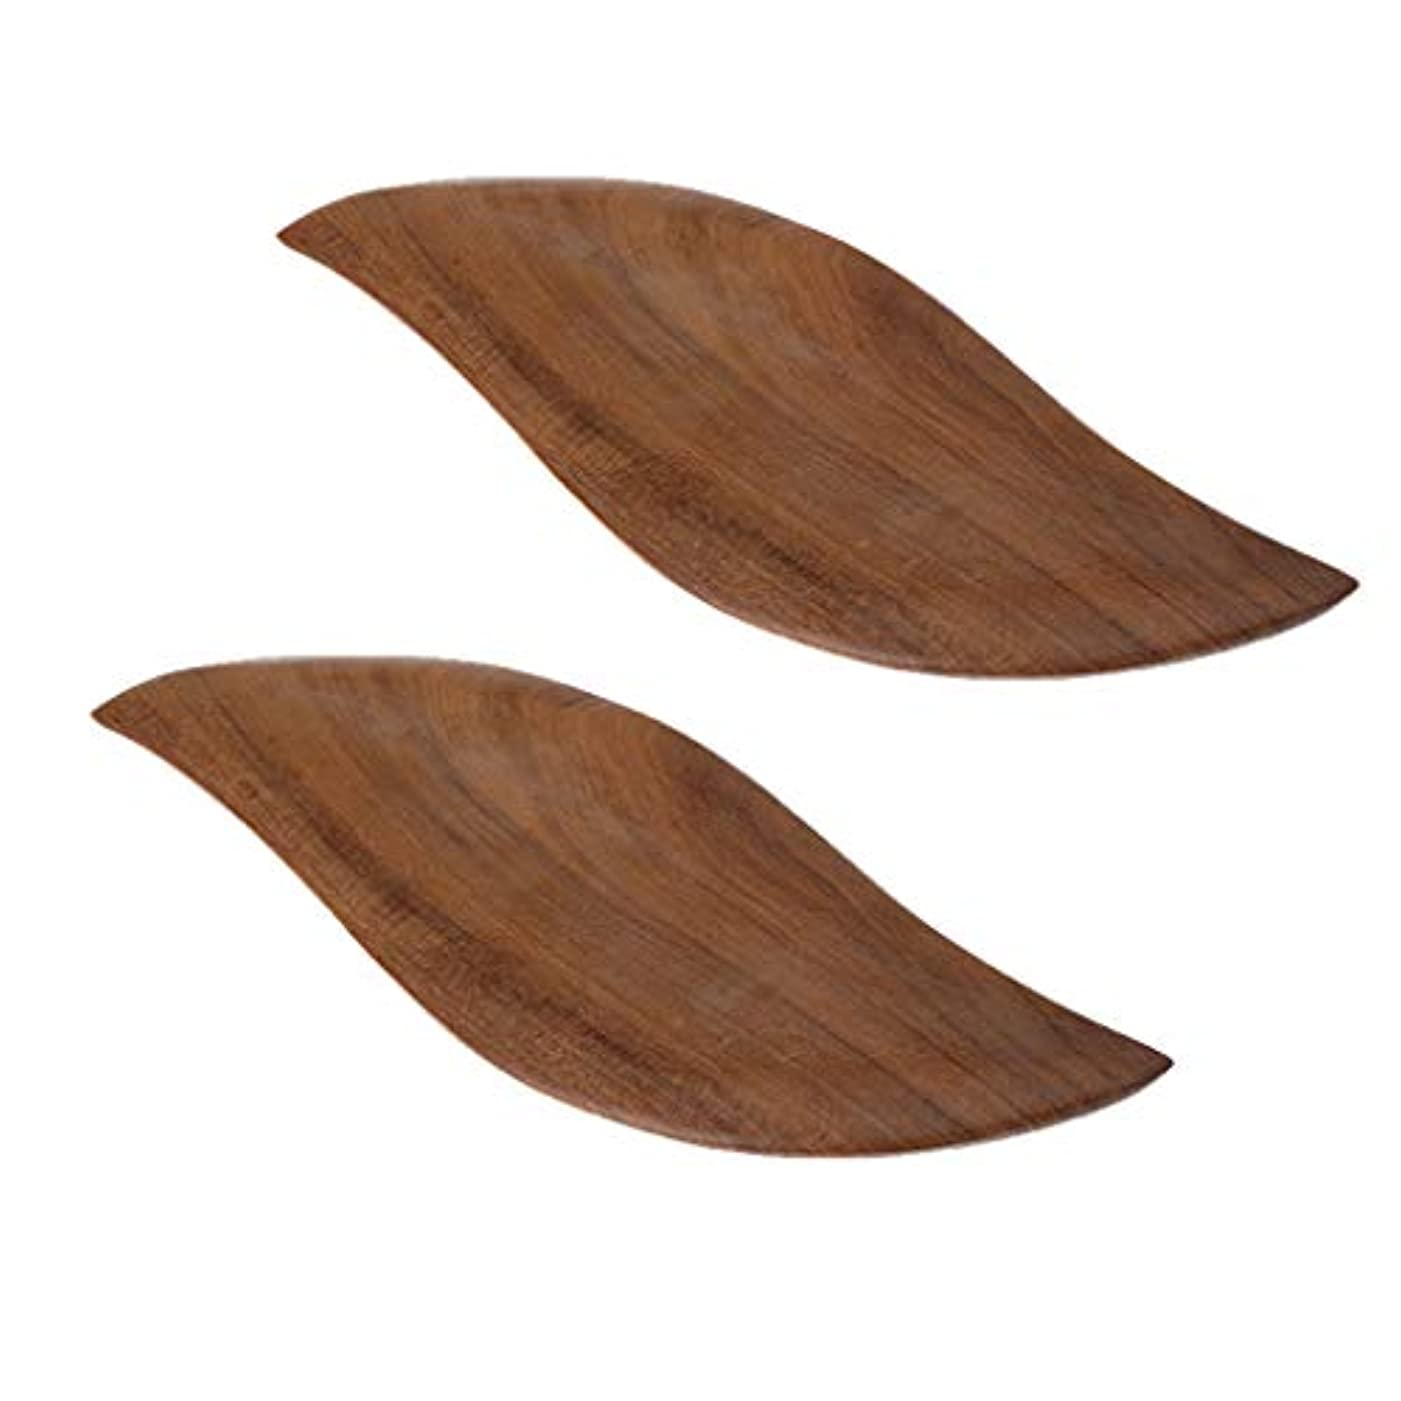 小数経験者チョップBaoblaze 2枚 かっさプレート フェイスケア ボディーケア リラックス ツボ押し 木製